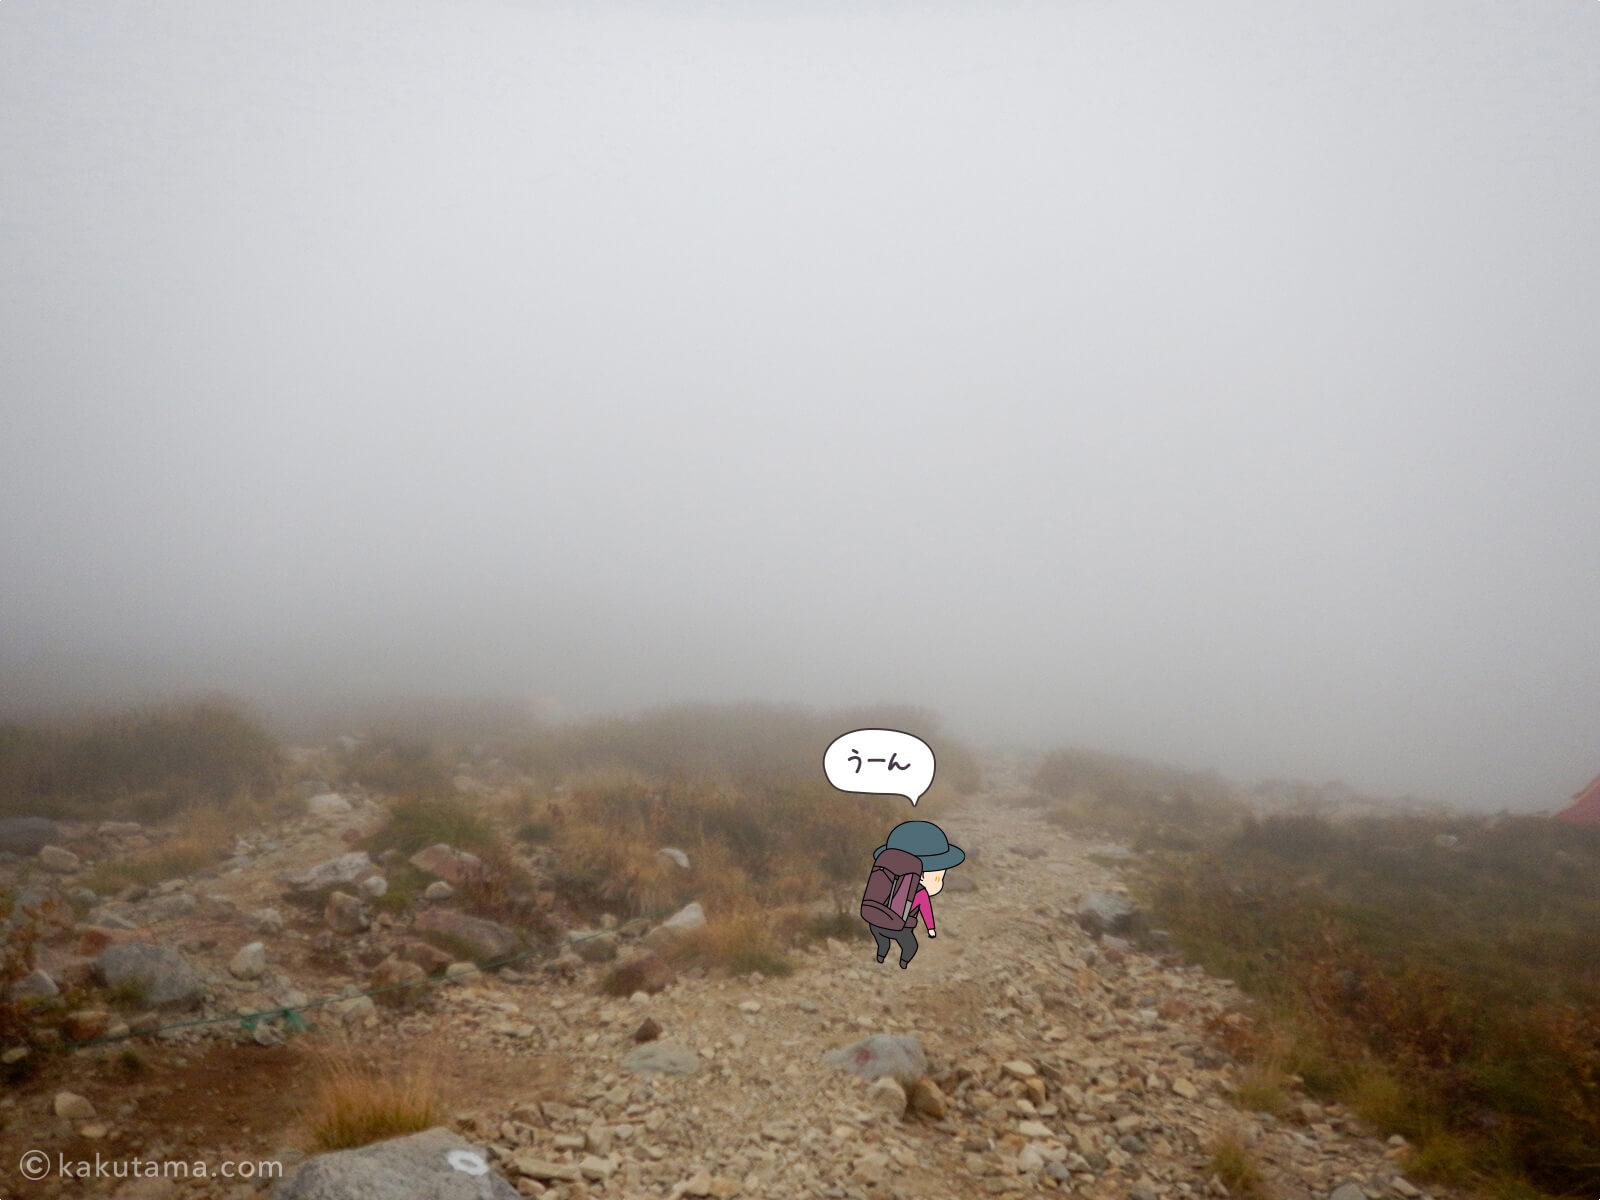 三俣山荘のテント場を探す